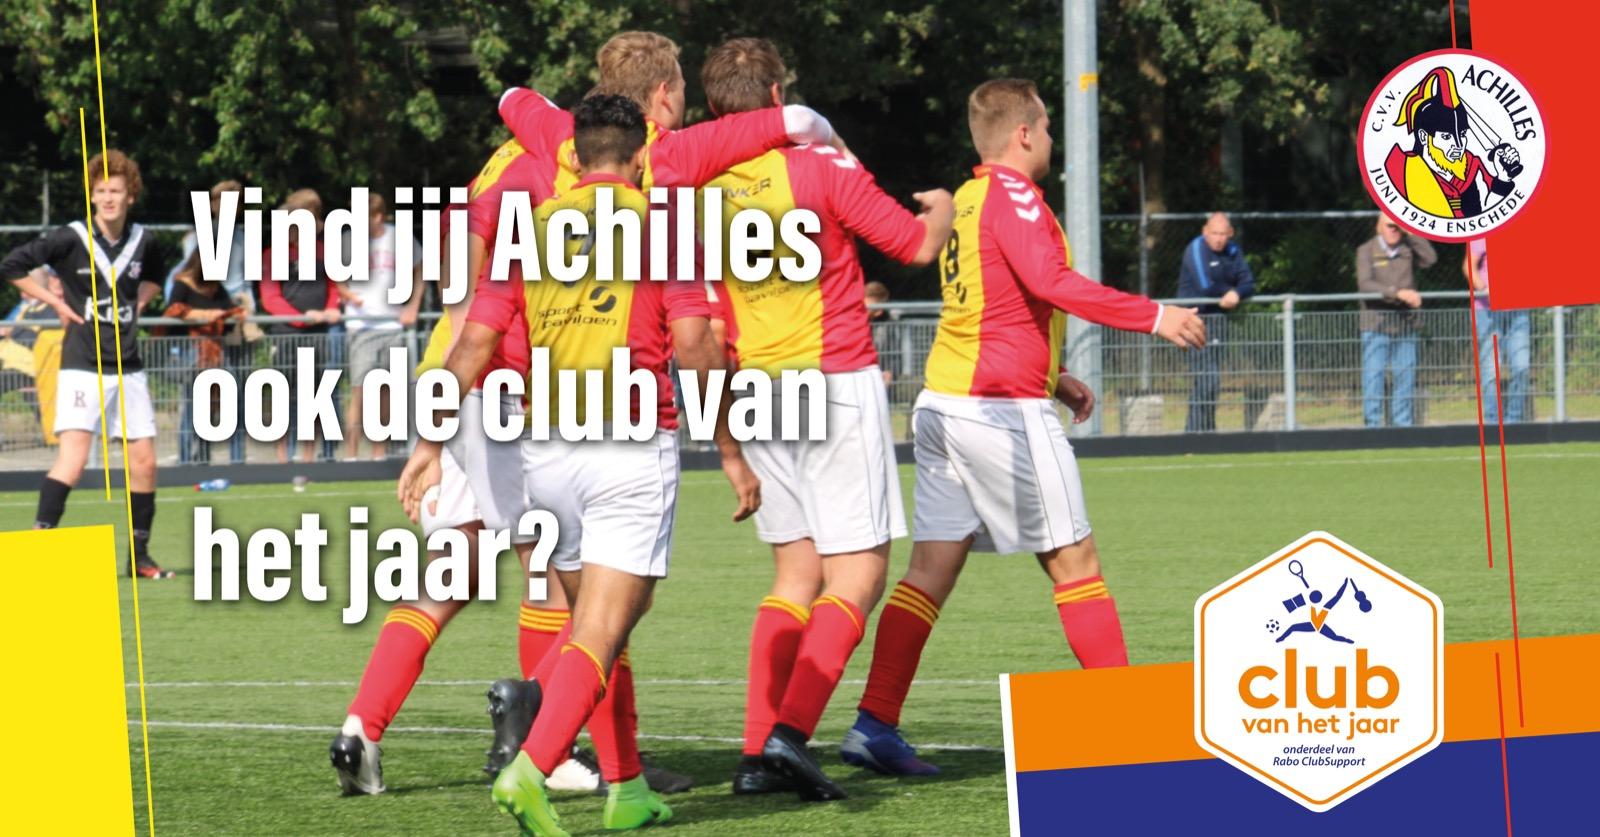 CVV Achilles genomineerd voor Club van het jaar: Stem nu!